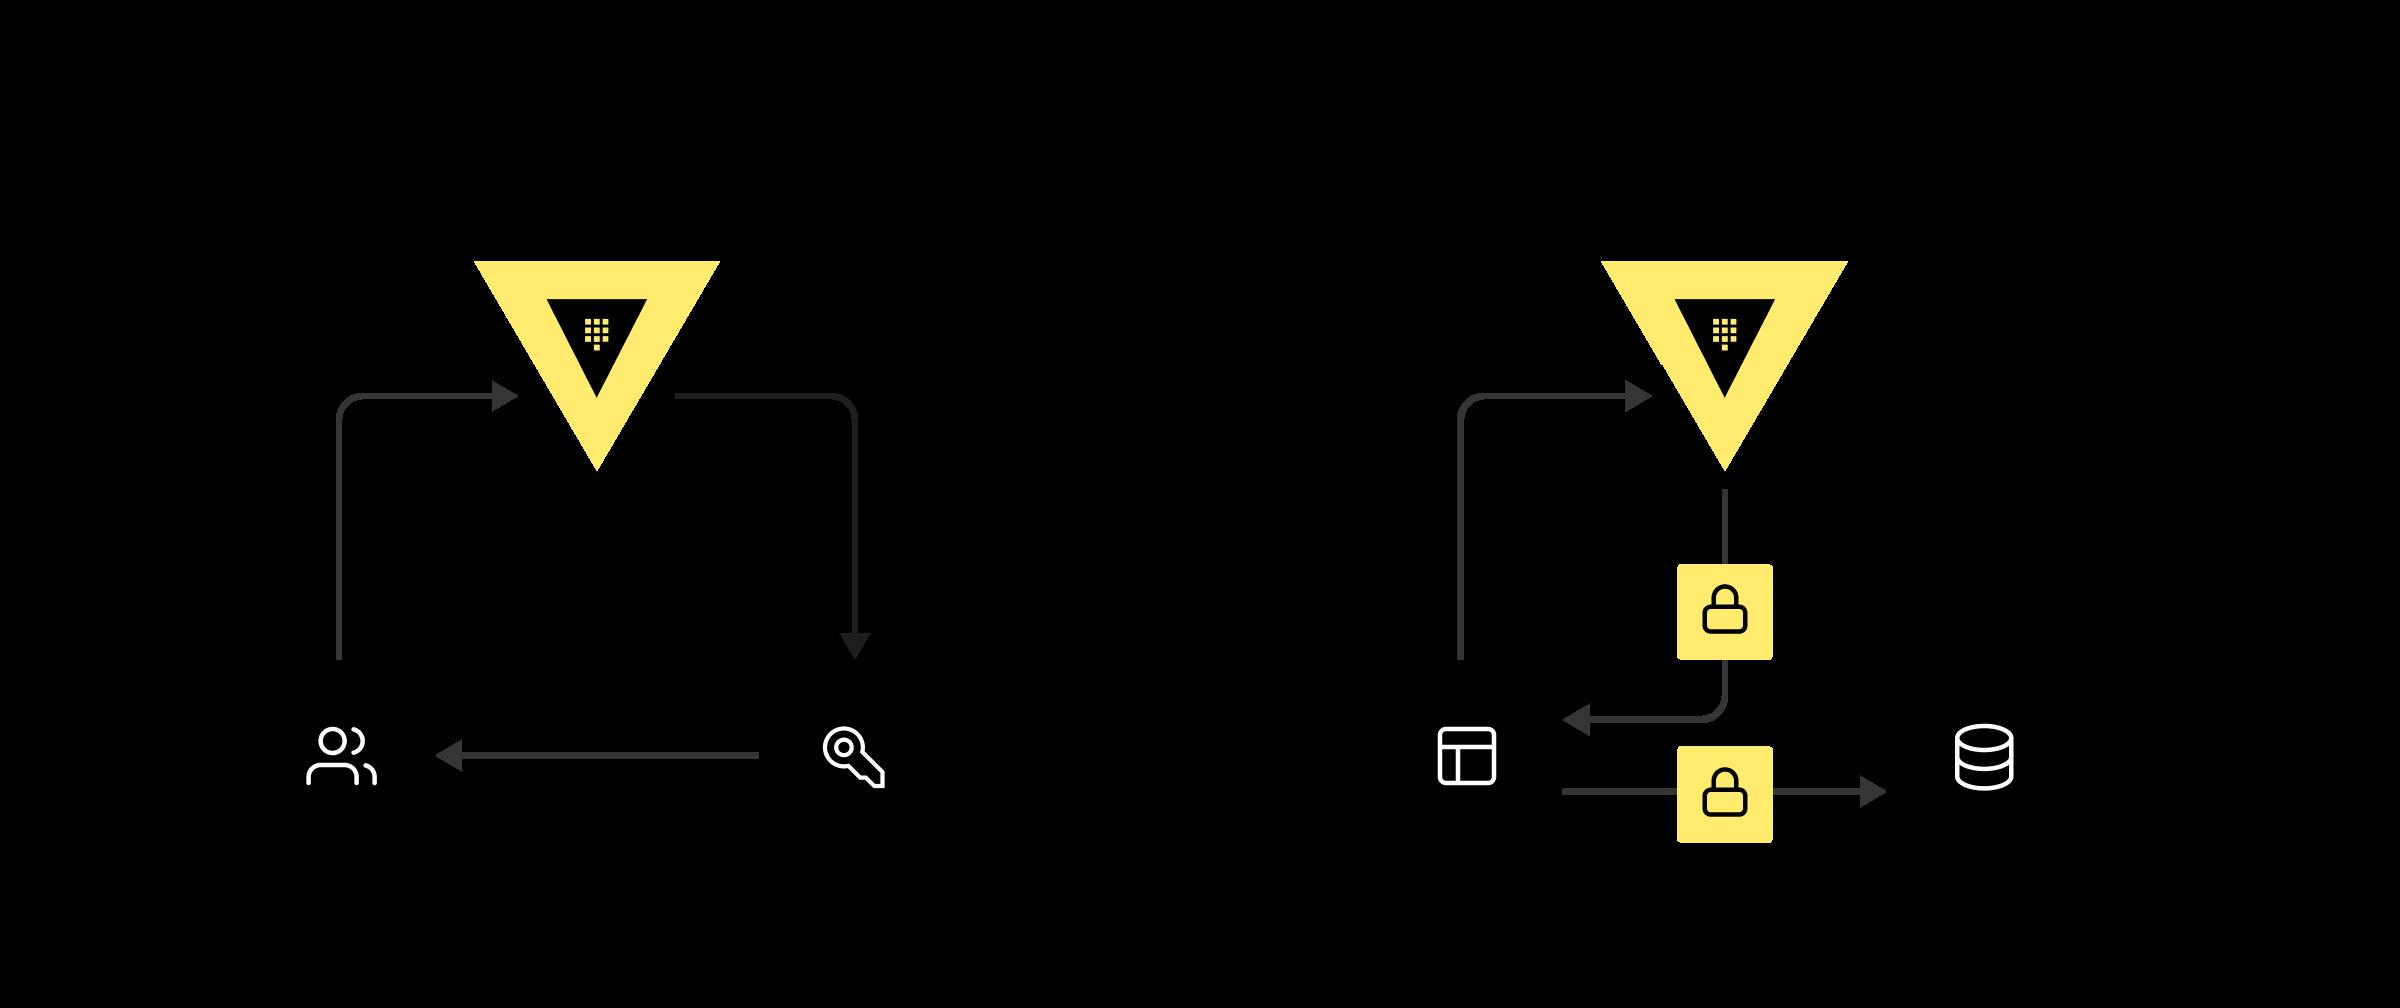 Vault Client Workflows